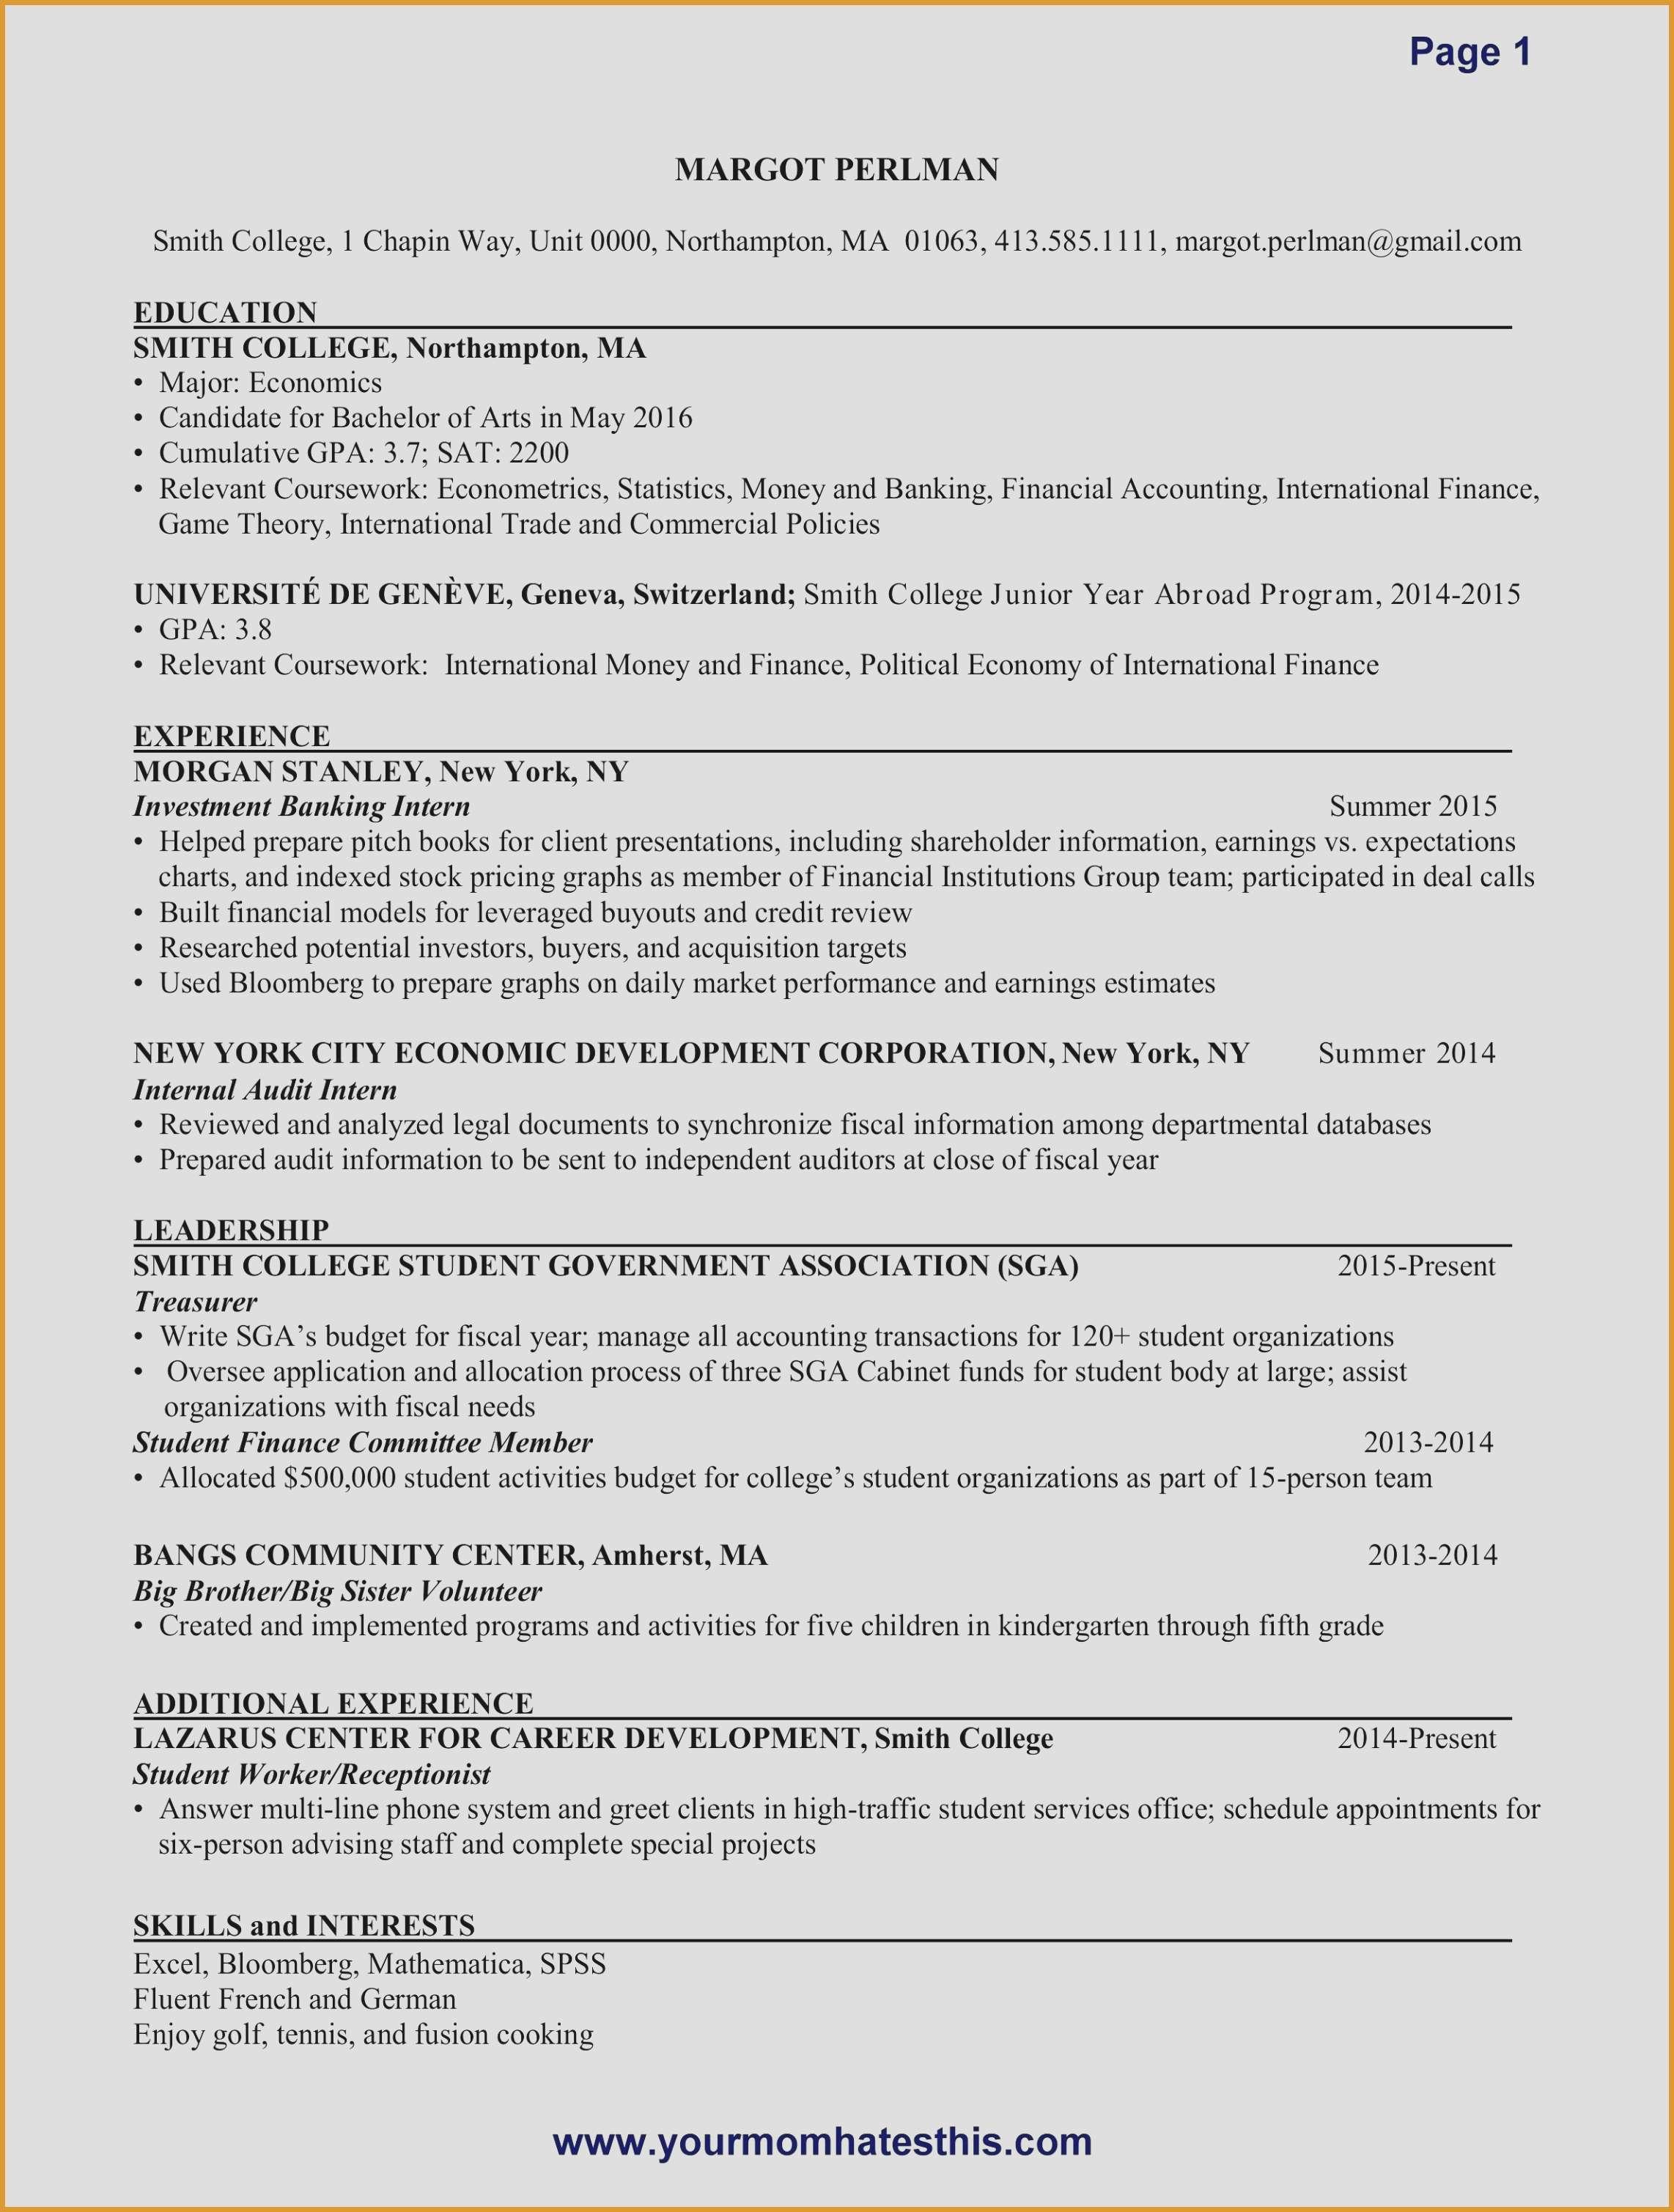 Shareholder Letter Template - Best Fonts for Resume